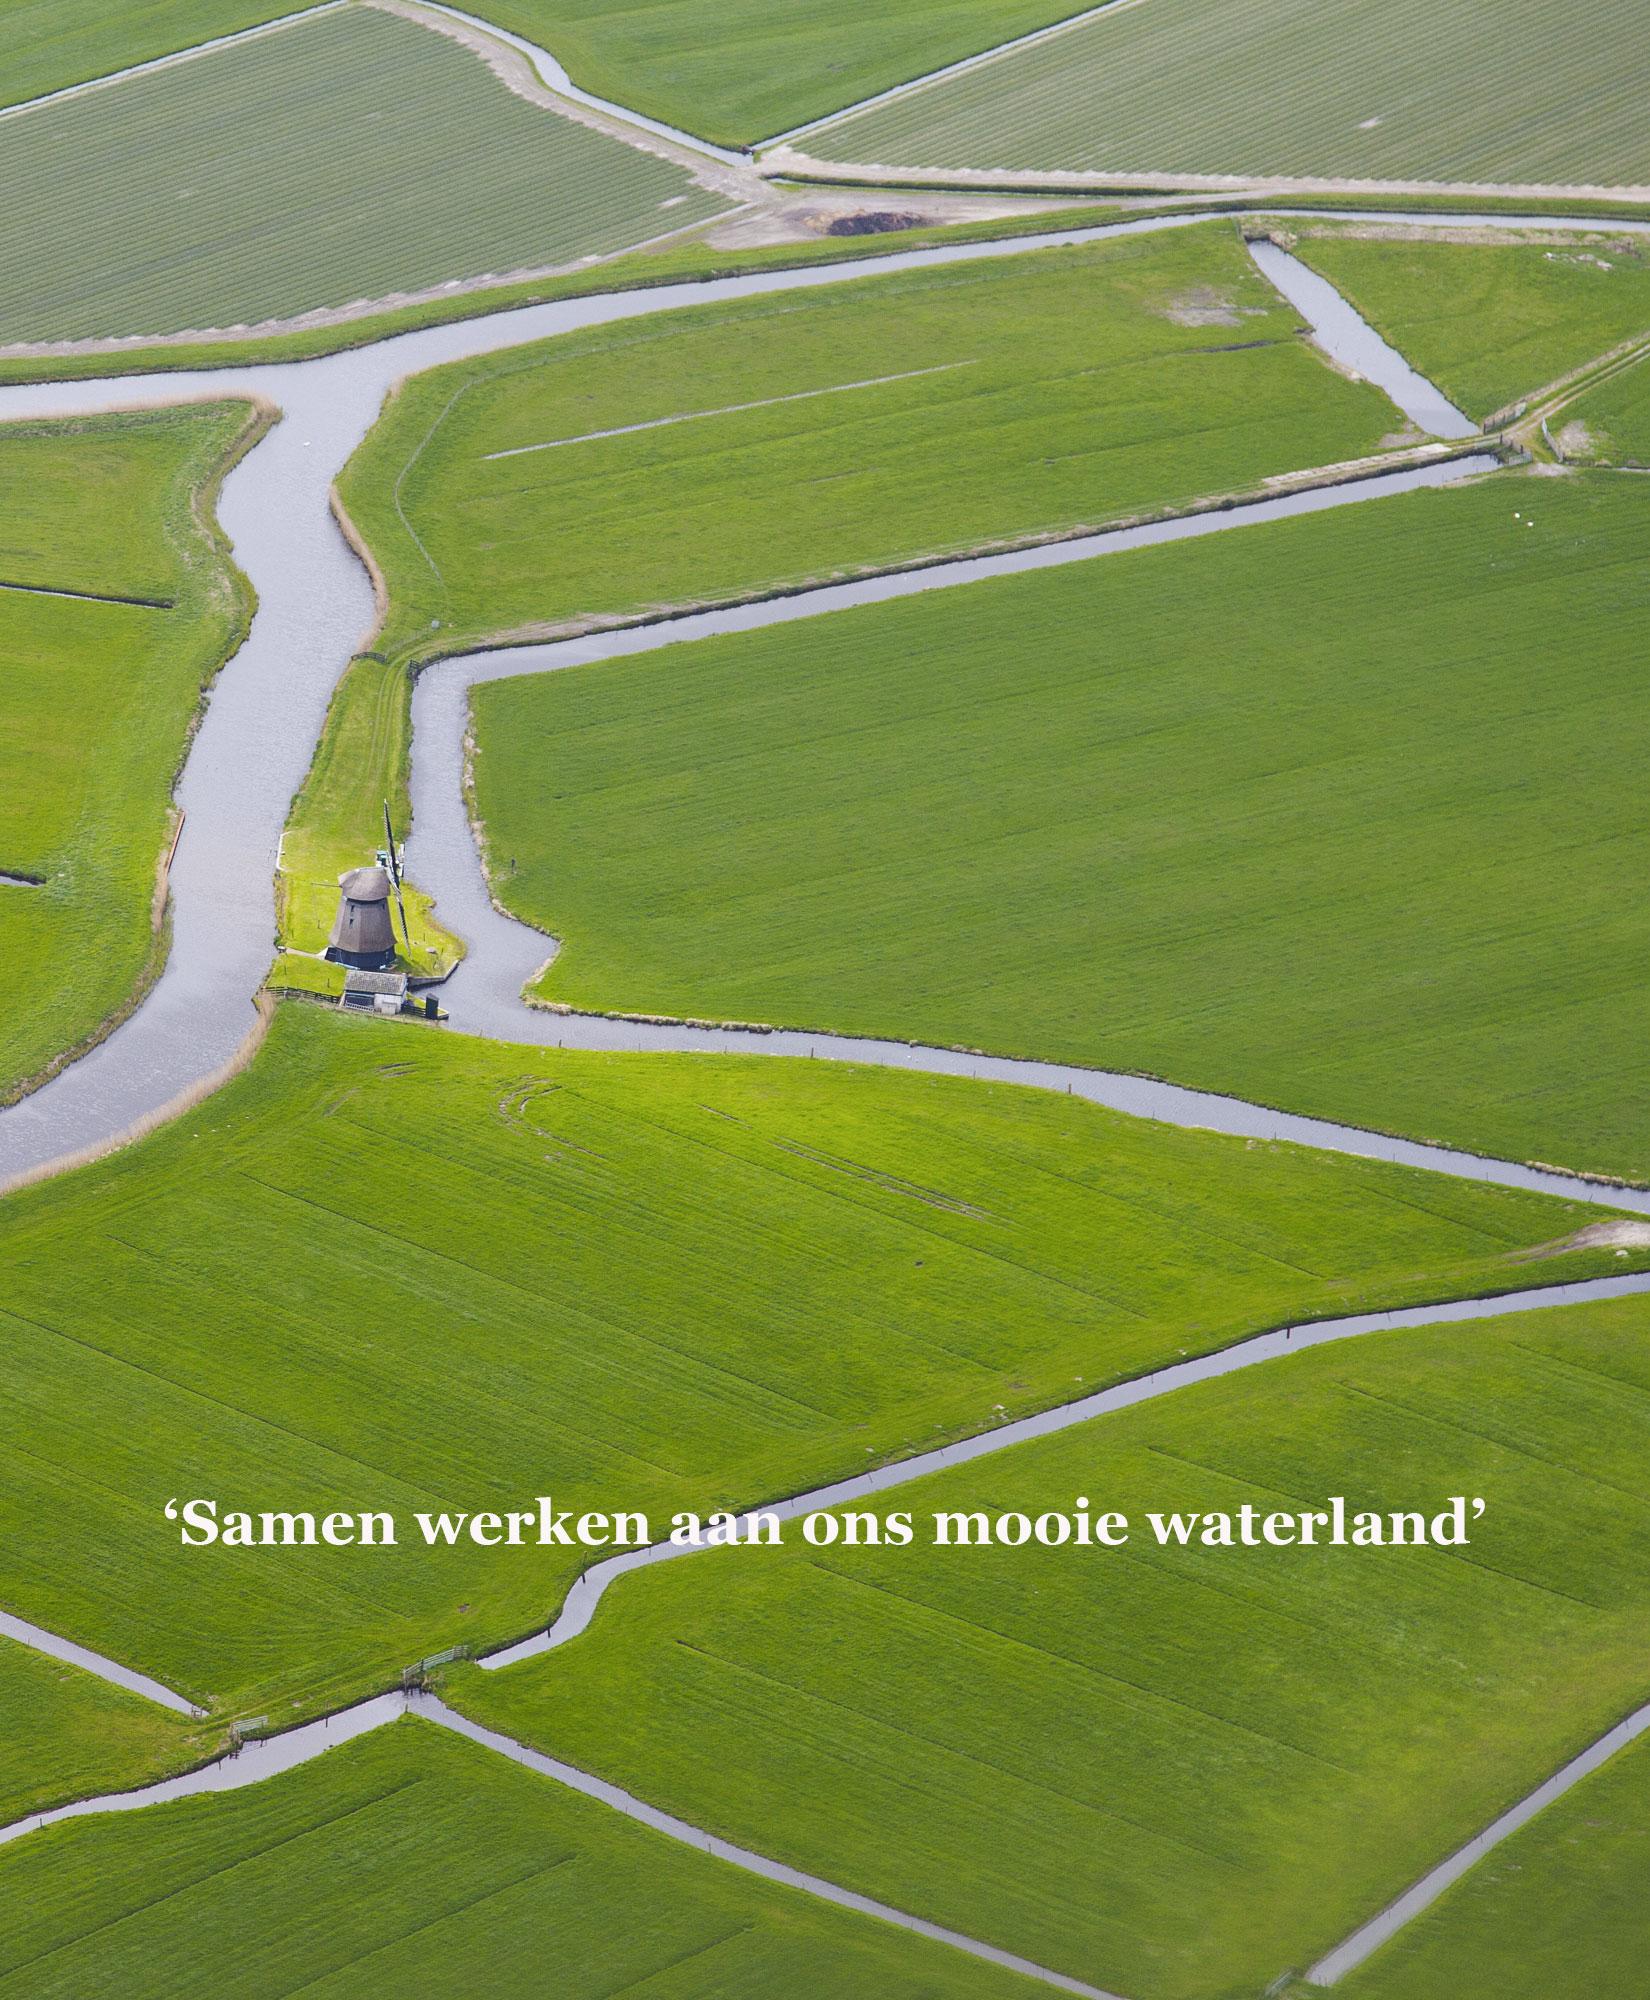 Nederland Waterland.